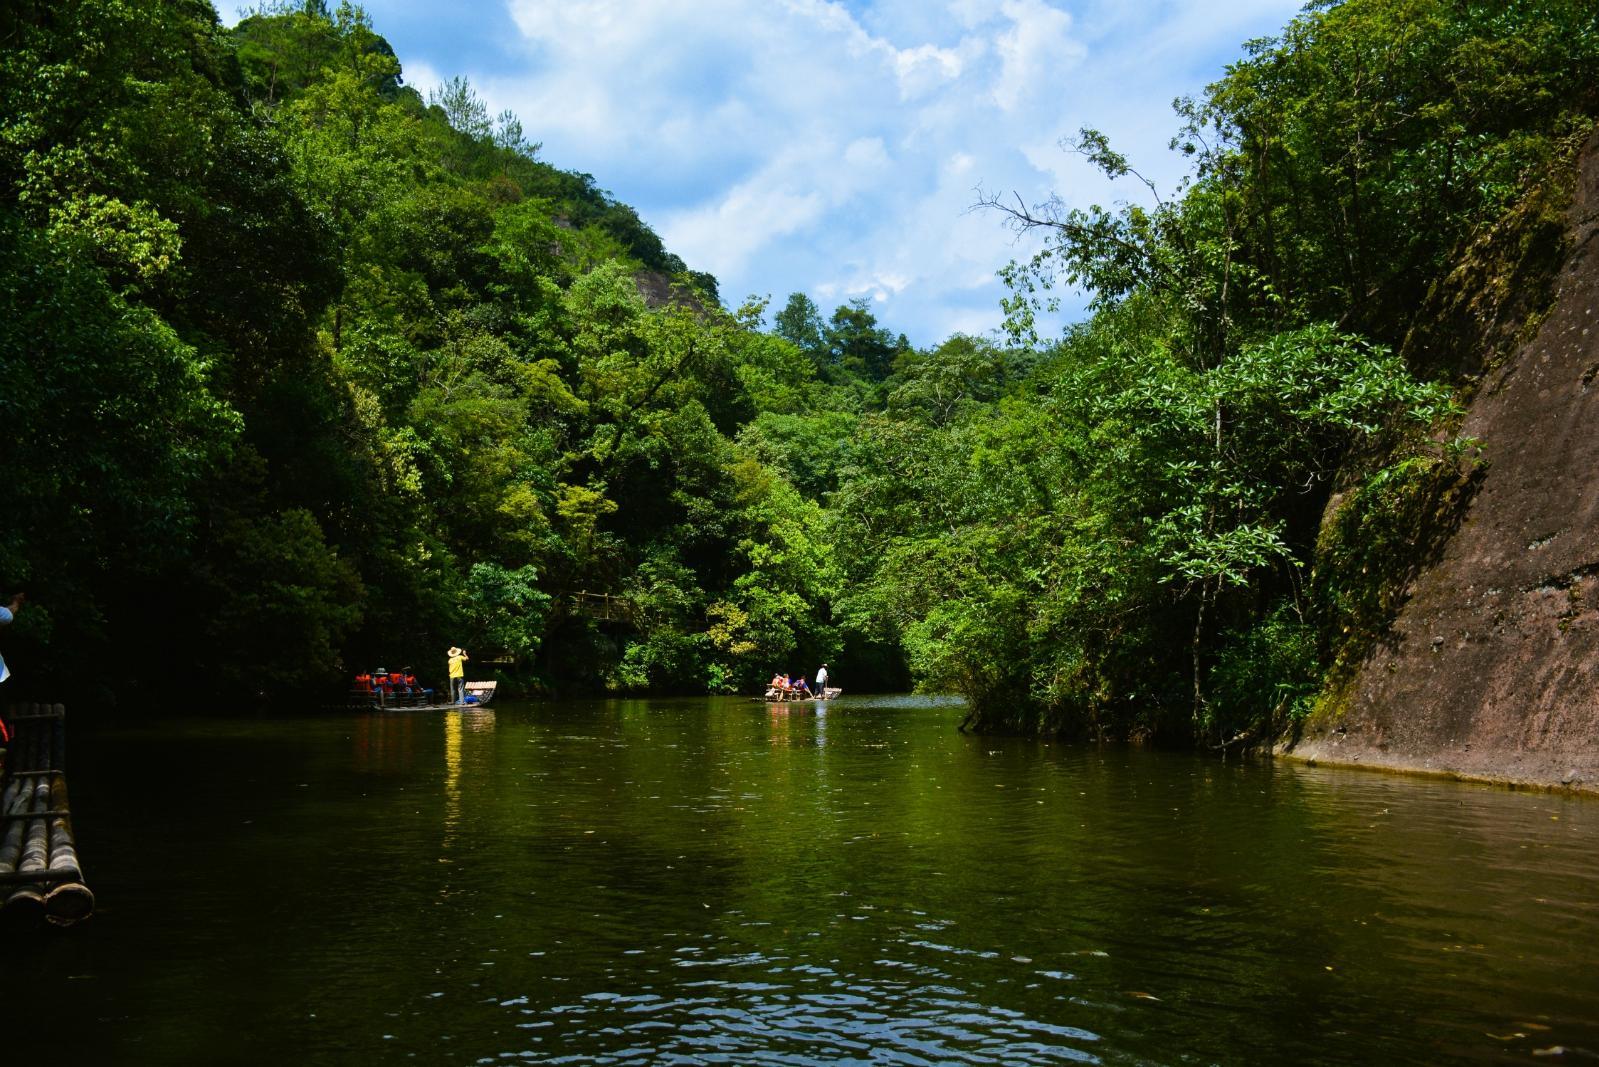 九龙潭风景区位于福建省泰宁县世界自然遗产,世界地质公园北部核心区.